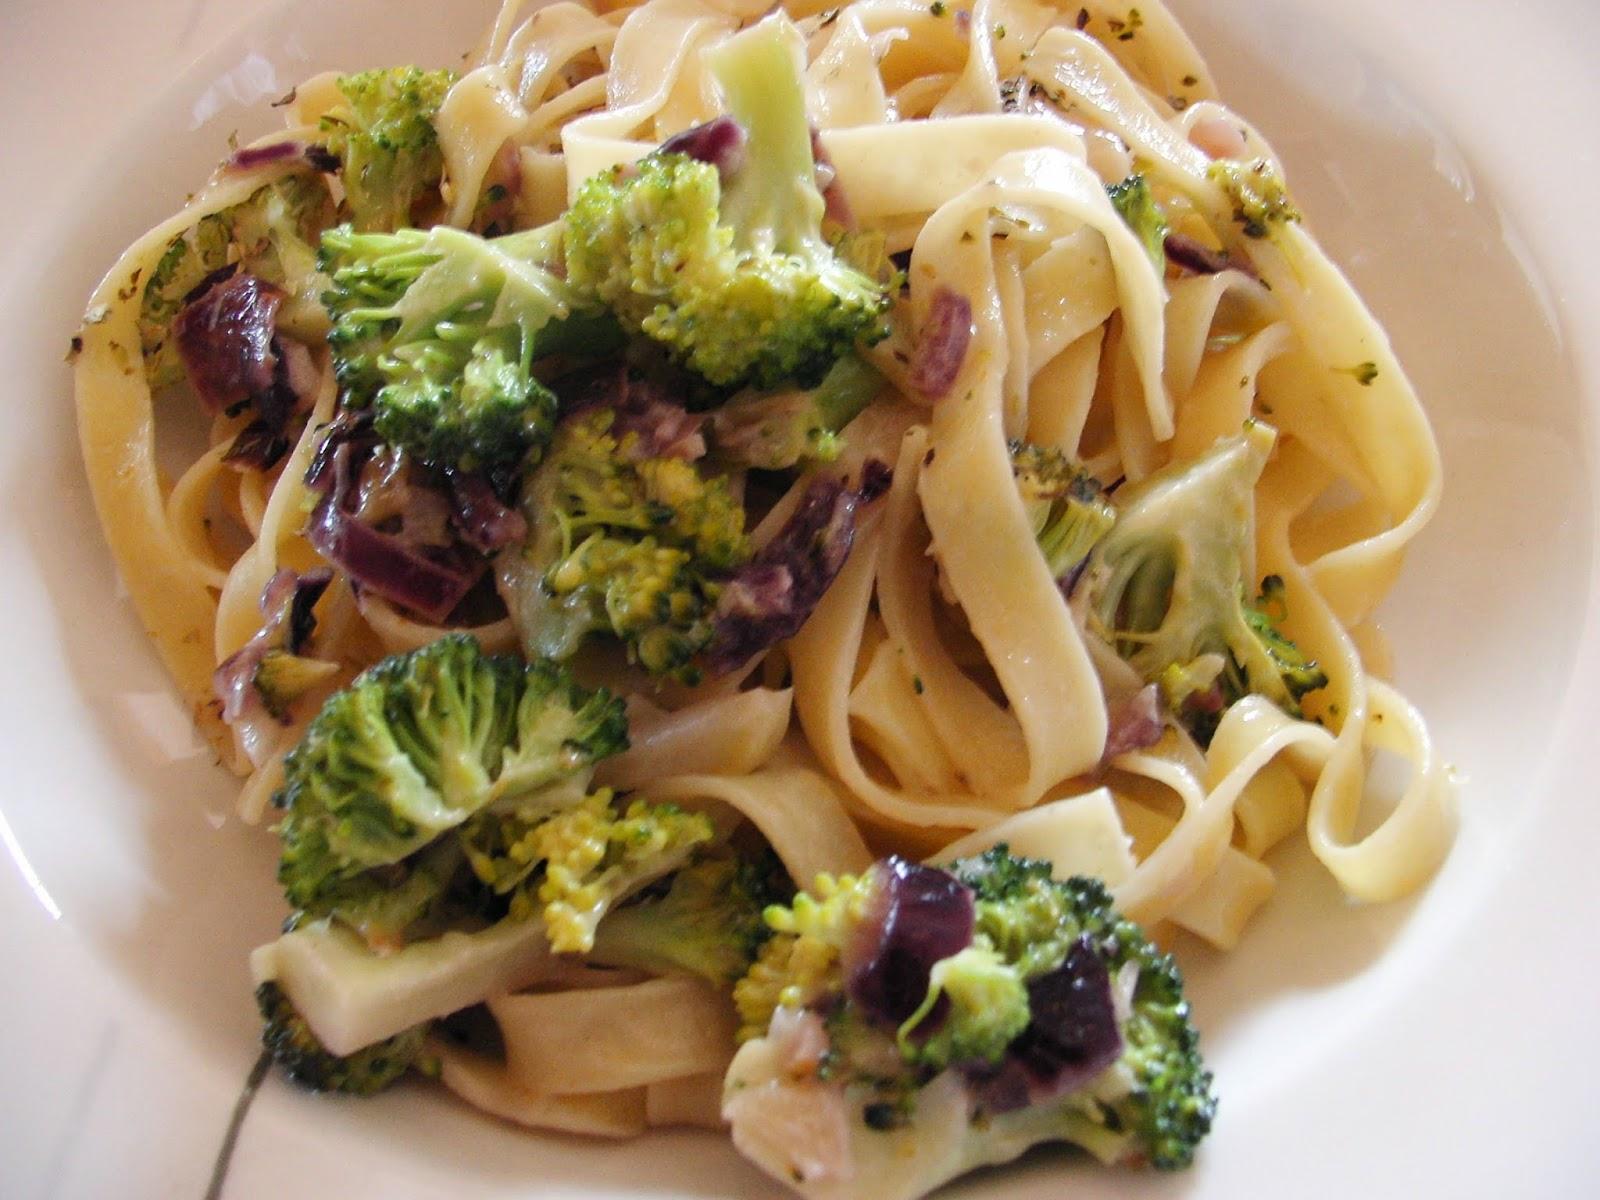 Cocinar sin sal tagliarines con br coli sin sal - Cocinar sin sal ...